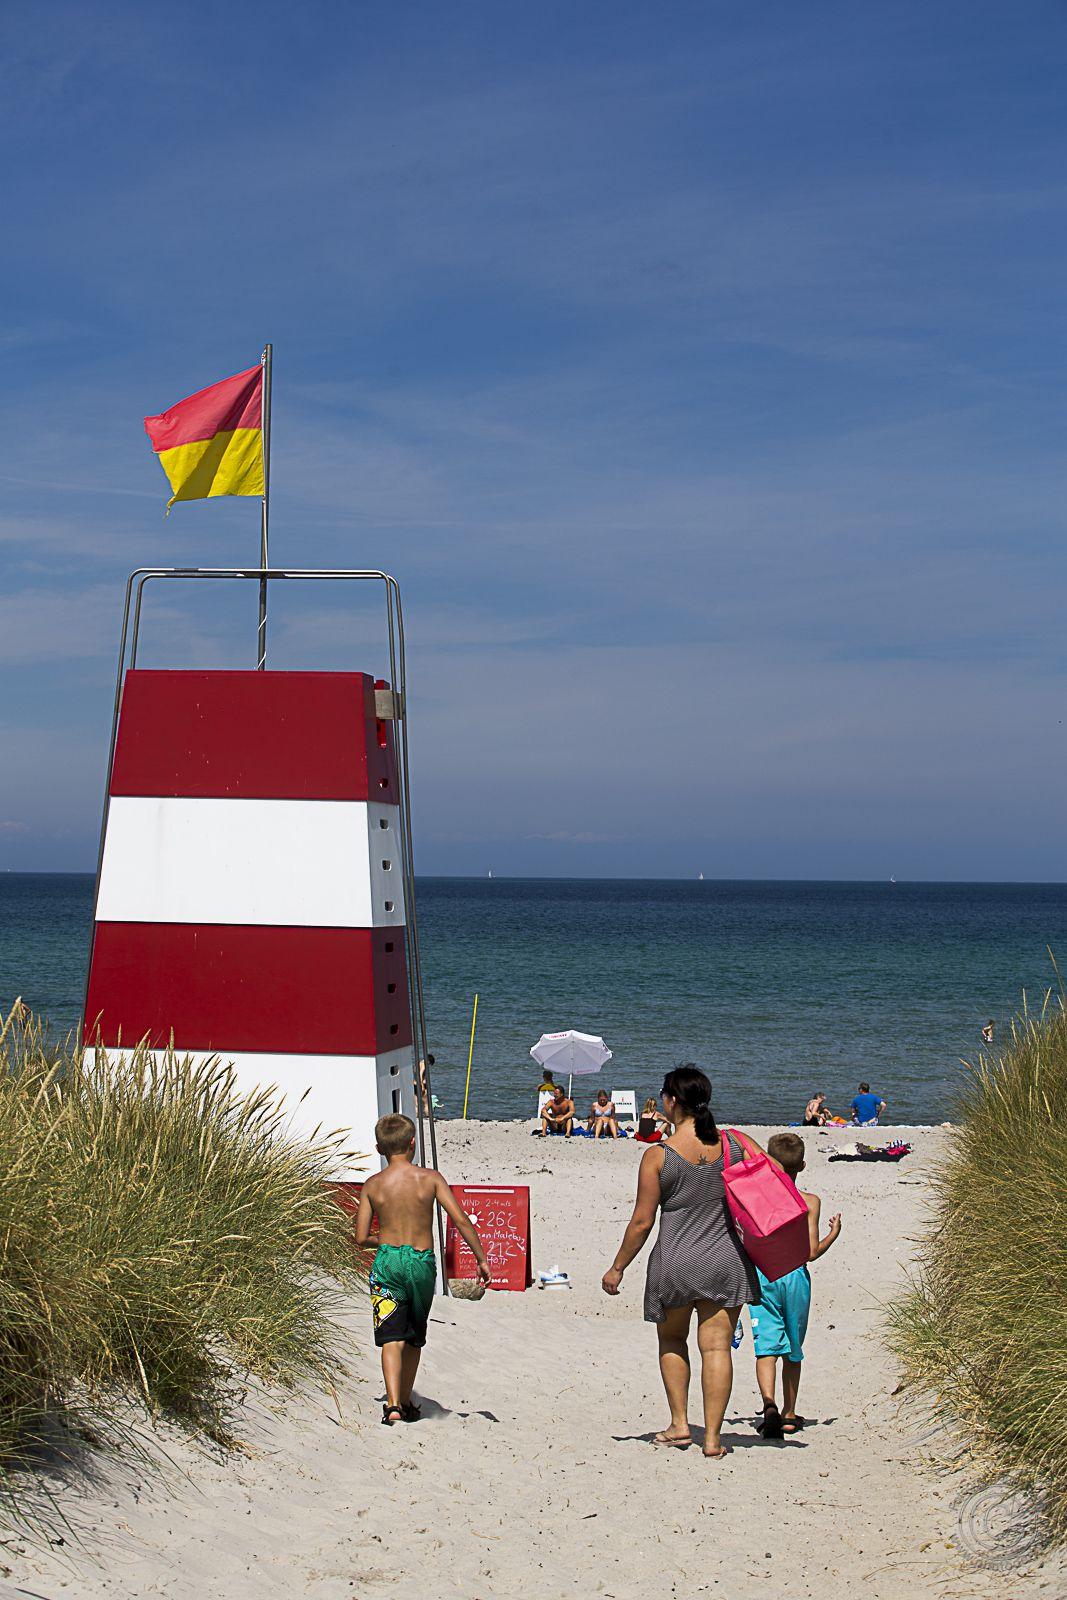 Den dejlige badestrand ved Kabelhuset i Rørvig i Odsherred i Danmark med stor og bred sandstrand og livreddertårn på stranden Beautiful danish beach Life Guard Tower...